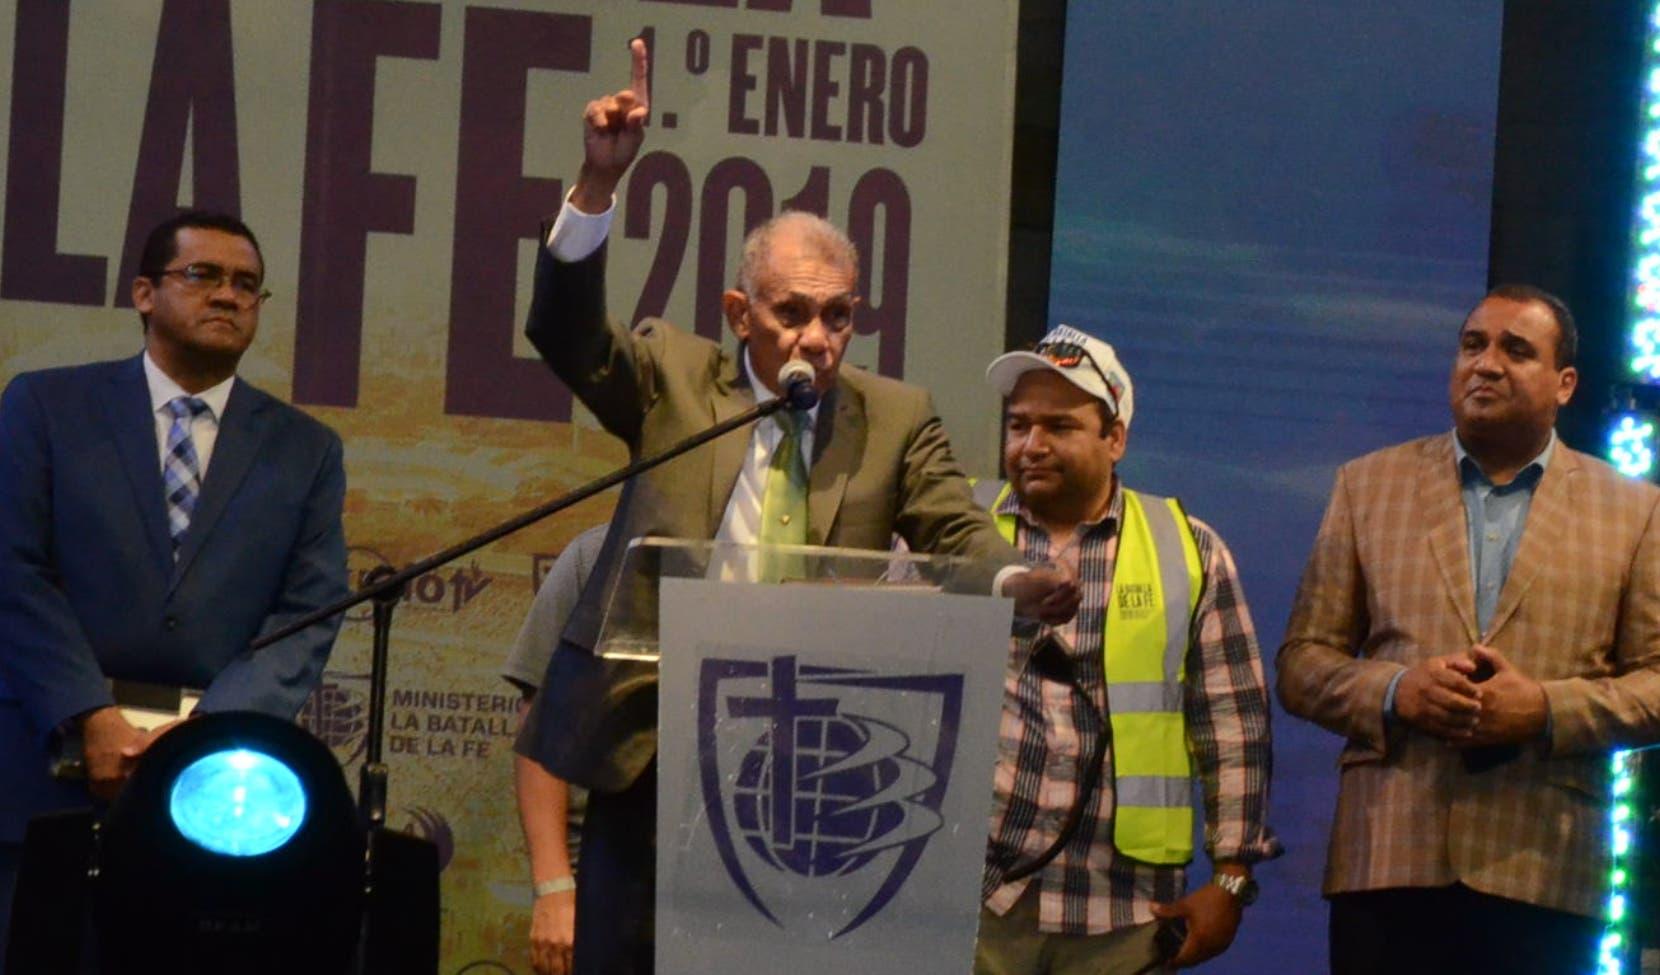 En la concentración evangélica participaron varios artistas locales y extranjeros, así como alcaldes  y políticos.   José De León